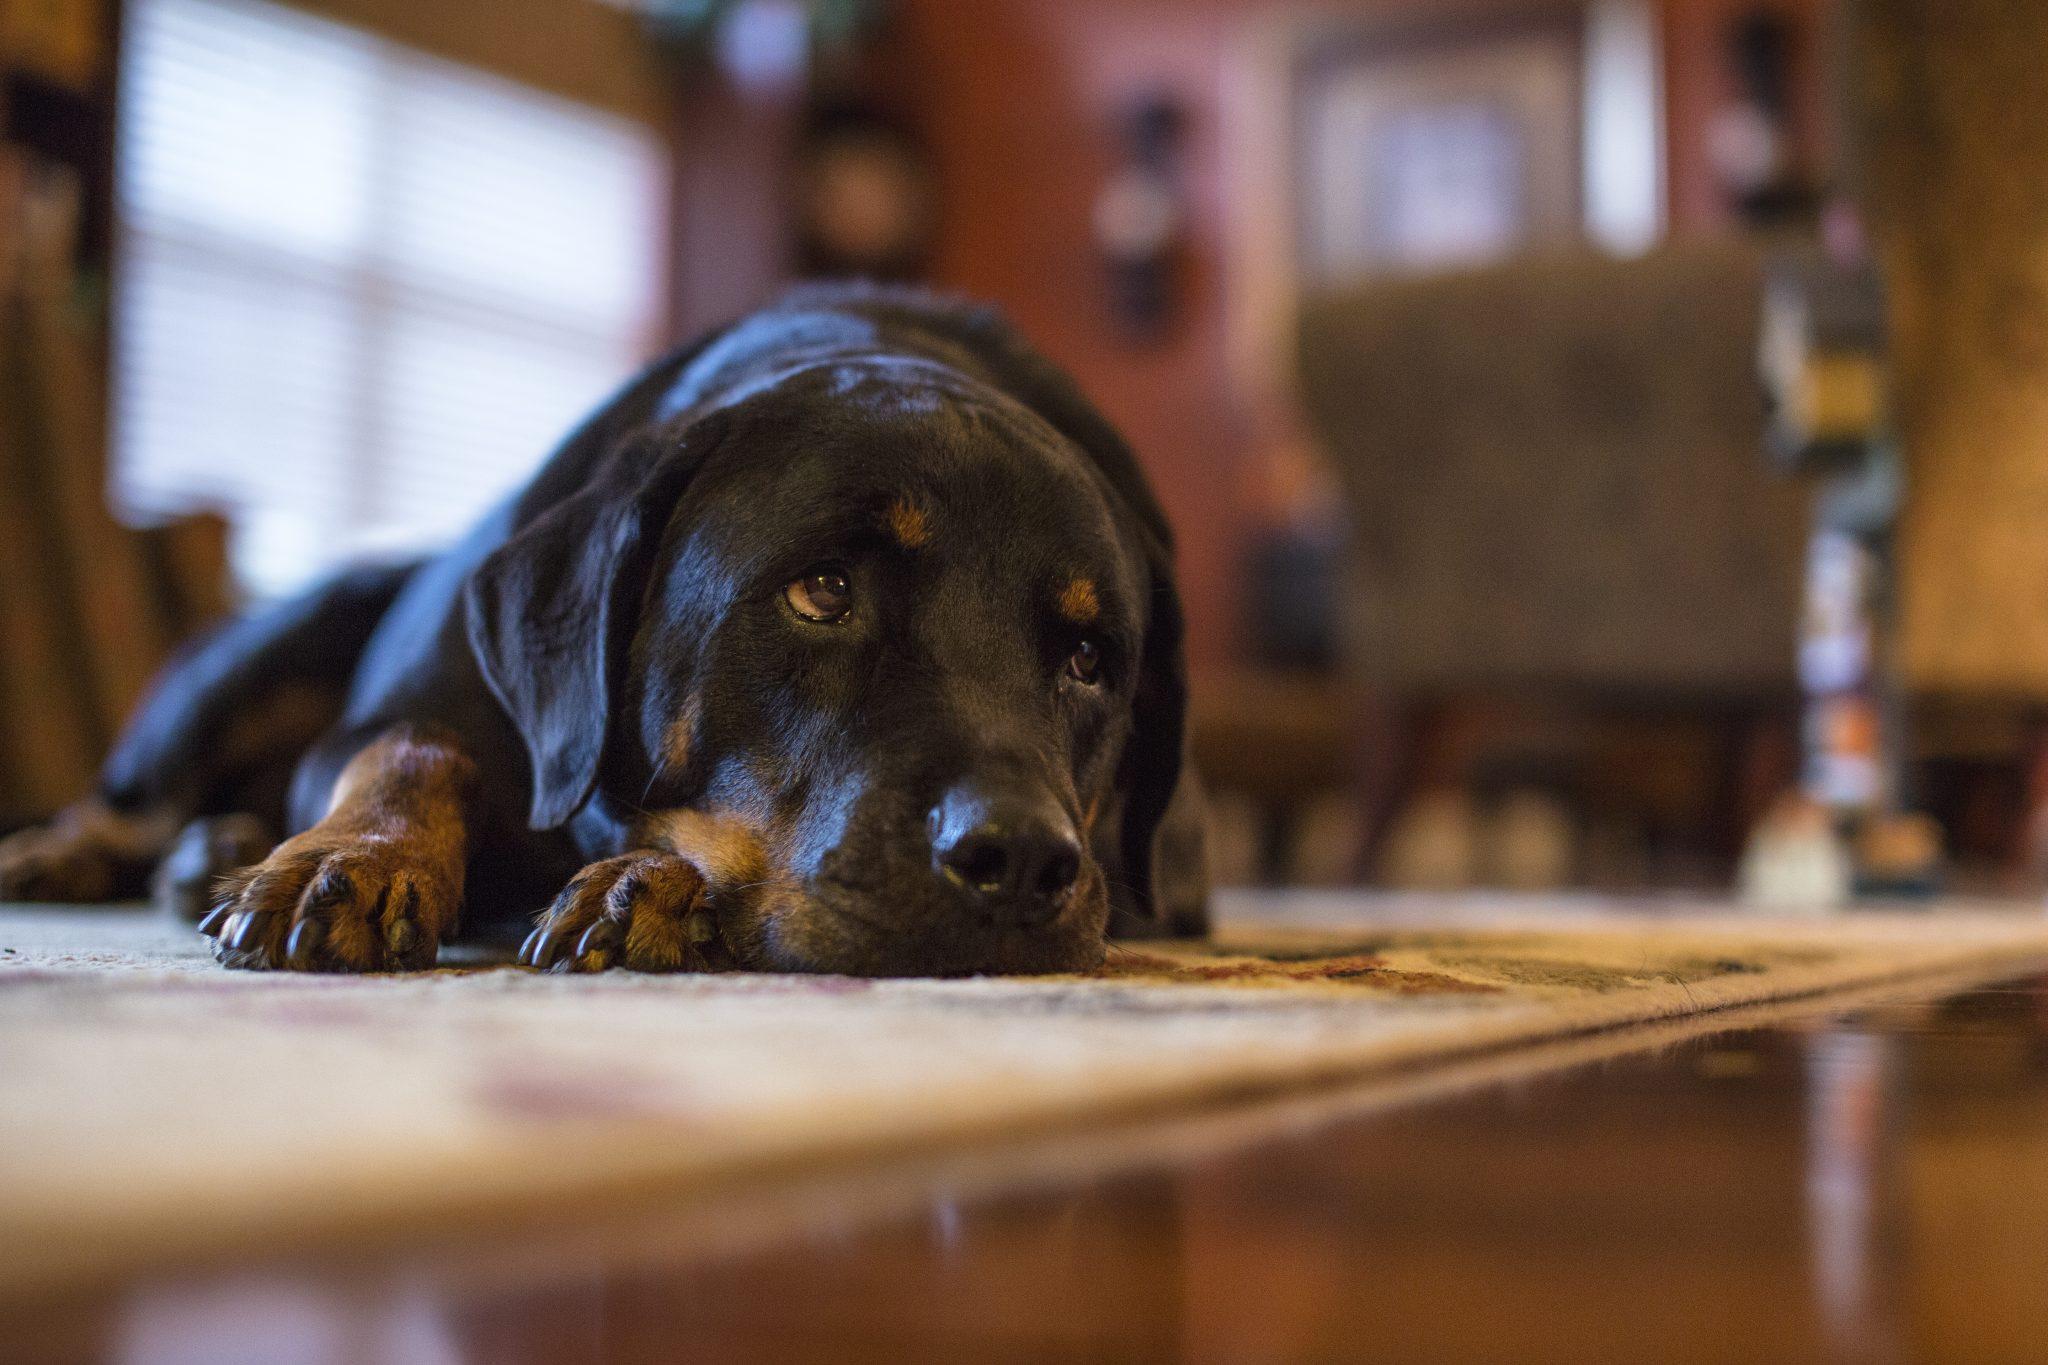 慢性腎臓病の犬の腎盂腎炎は意外と多い?:182頭のレトロ解析結果